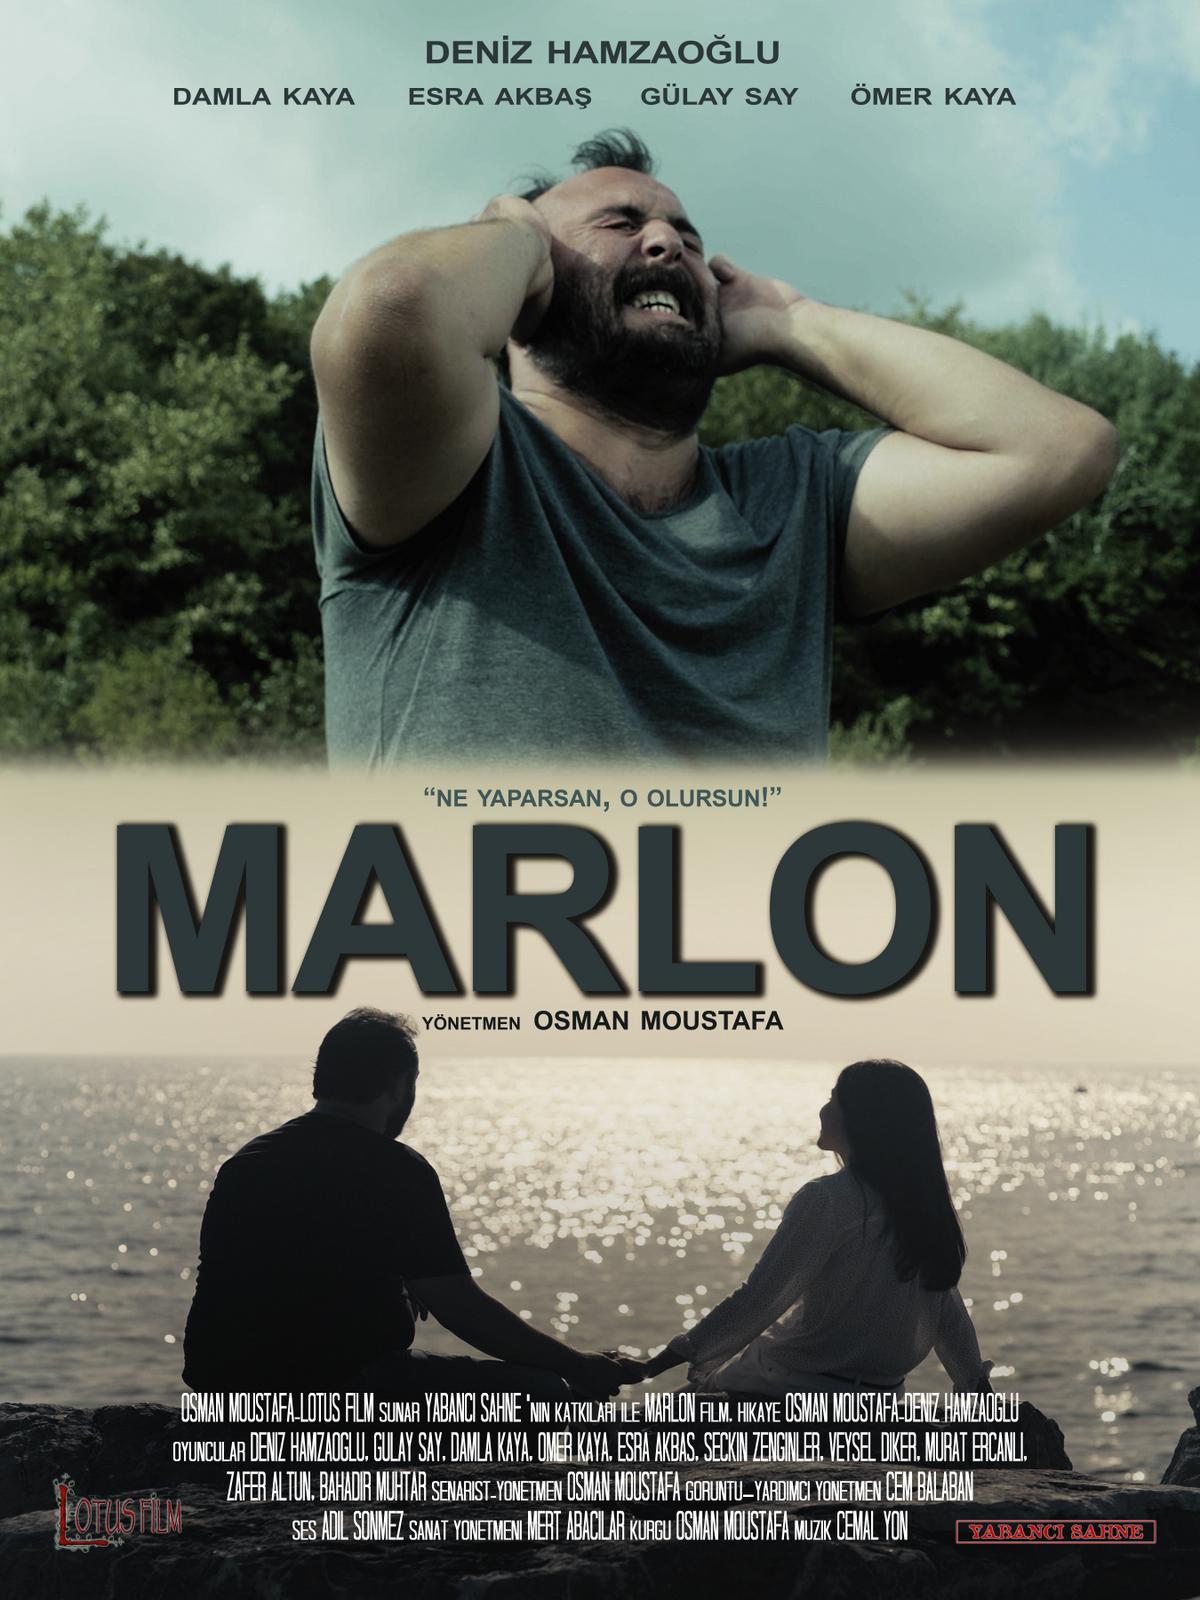 Marlon (a).jpg